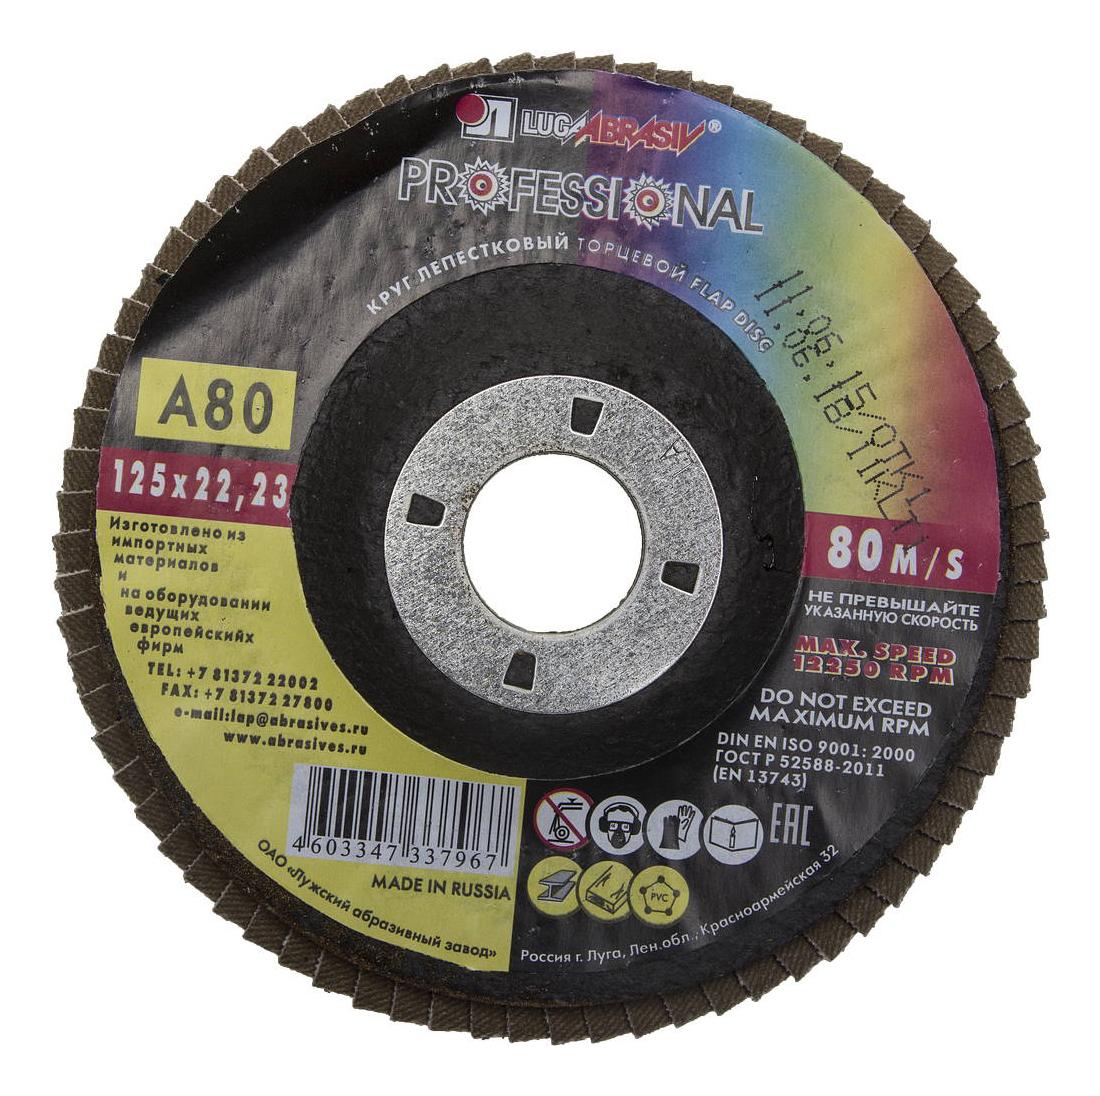 Диск лепестковый для угловых шлифмашин ЛУГА 3656-125-80 фото